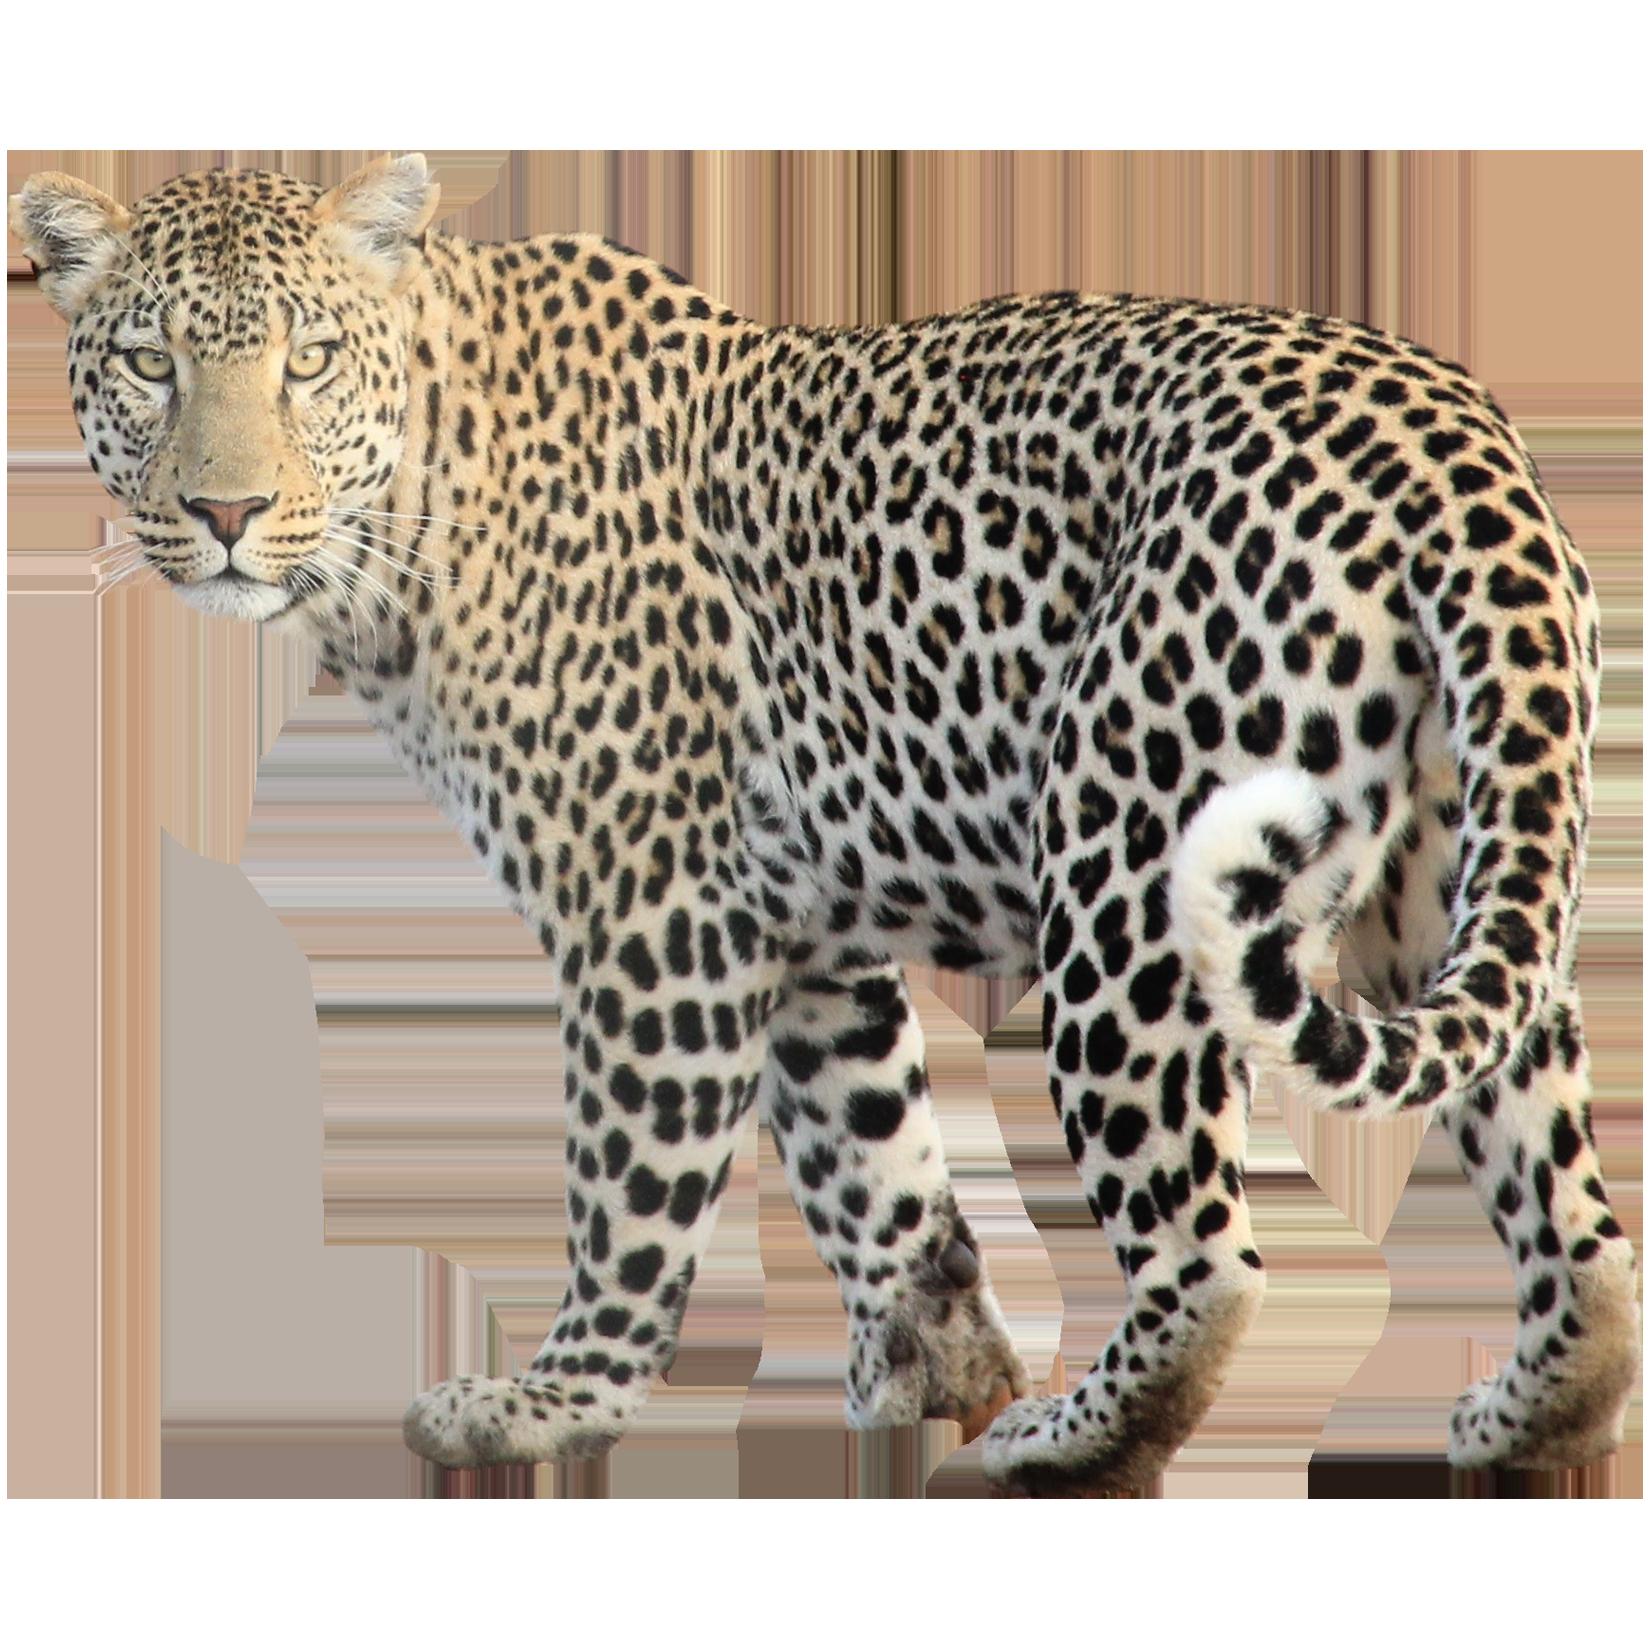 Leopard PNG - 24775